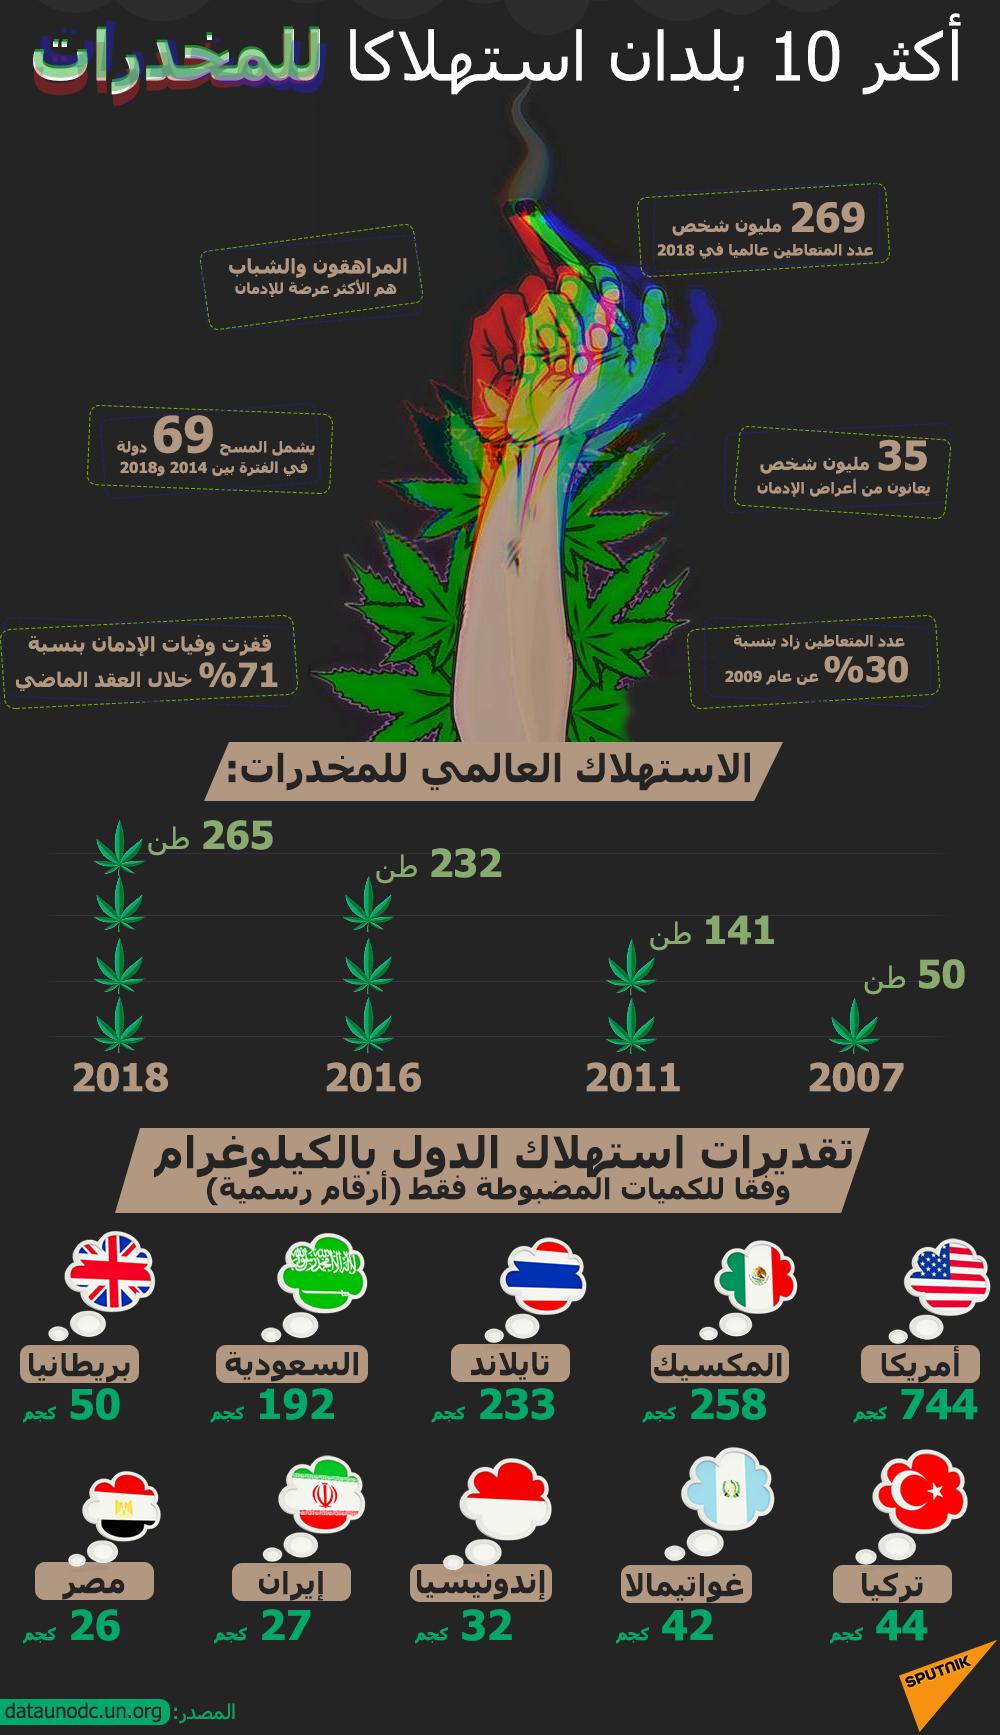 أكثر 10 بلدان استهلاكا للمخدرات